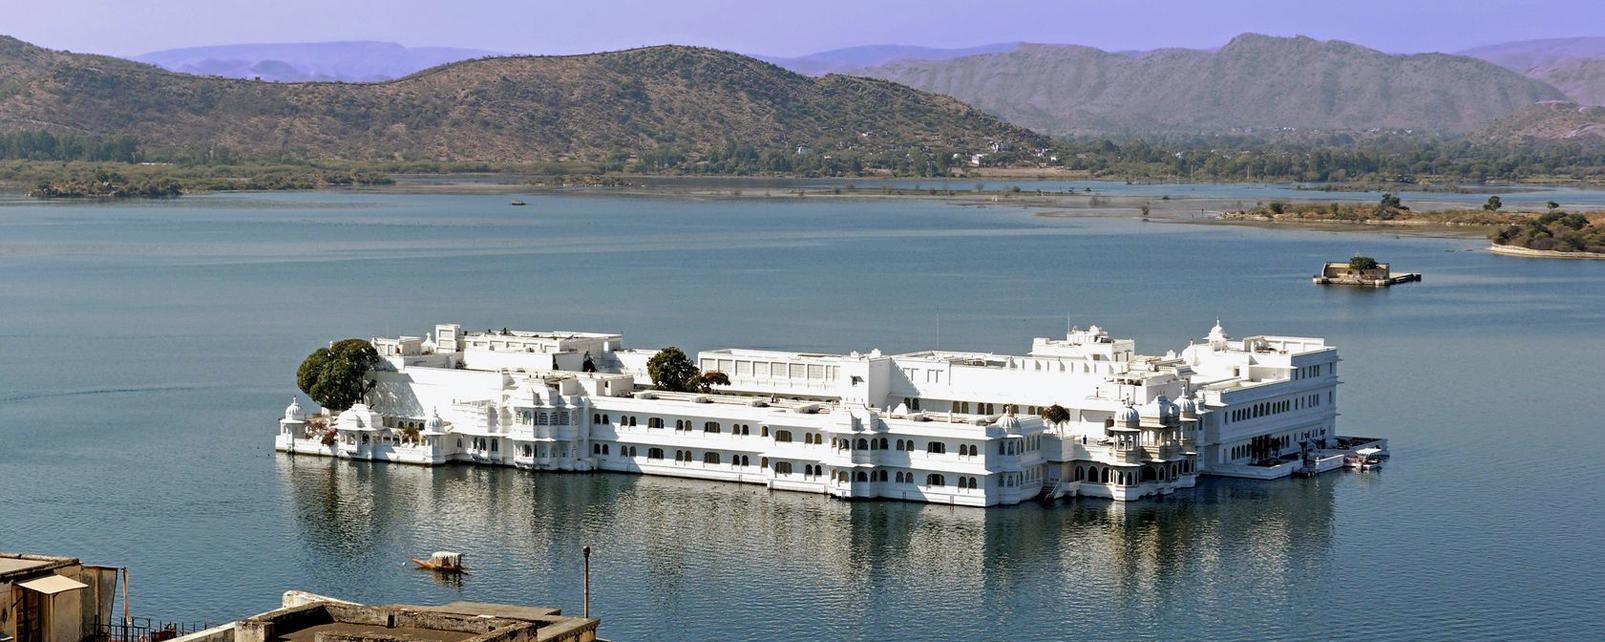 Asie; Inde; Rajasthan; Udaipur;